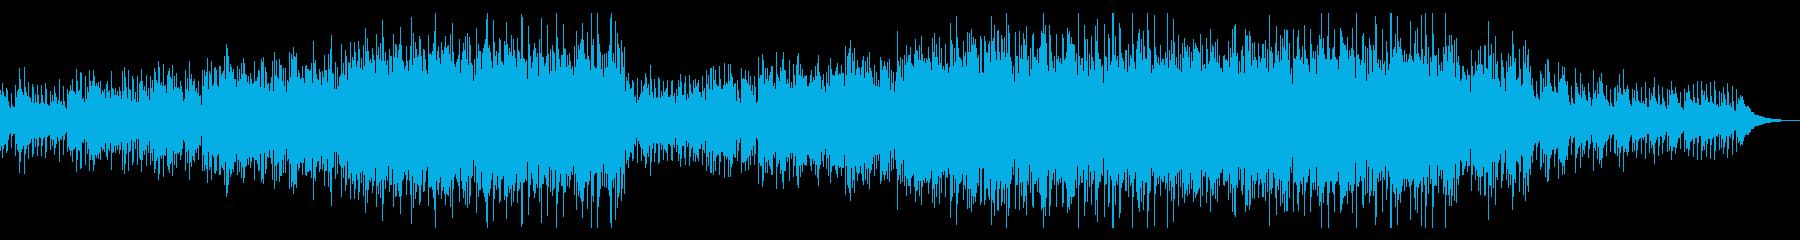 【リズム抜き】おしゃれで綺麗なコーポレーの再生済みの波形